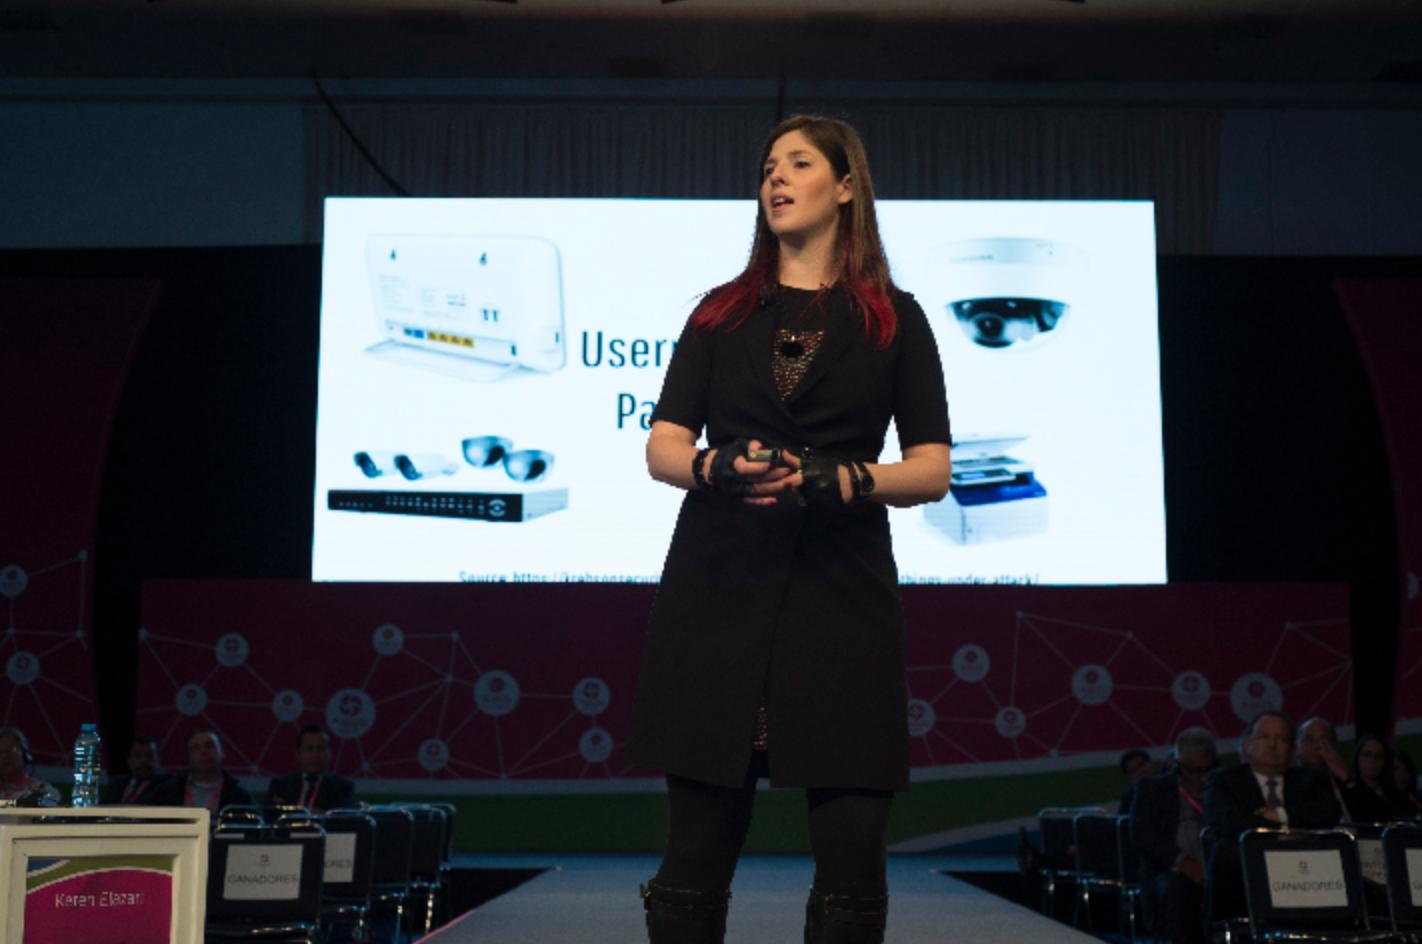 Desafíos en ciberseguridad: Las 3 lecciones que puedes aprender de los hackers